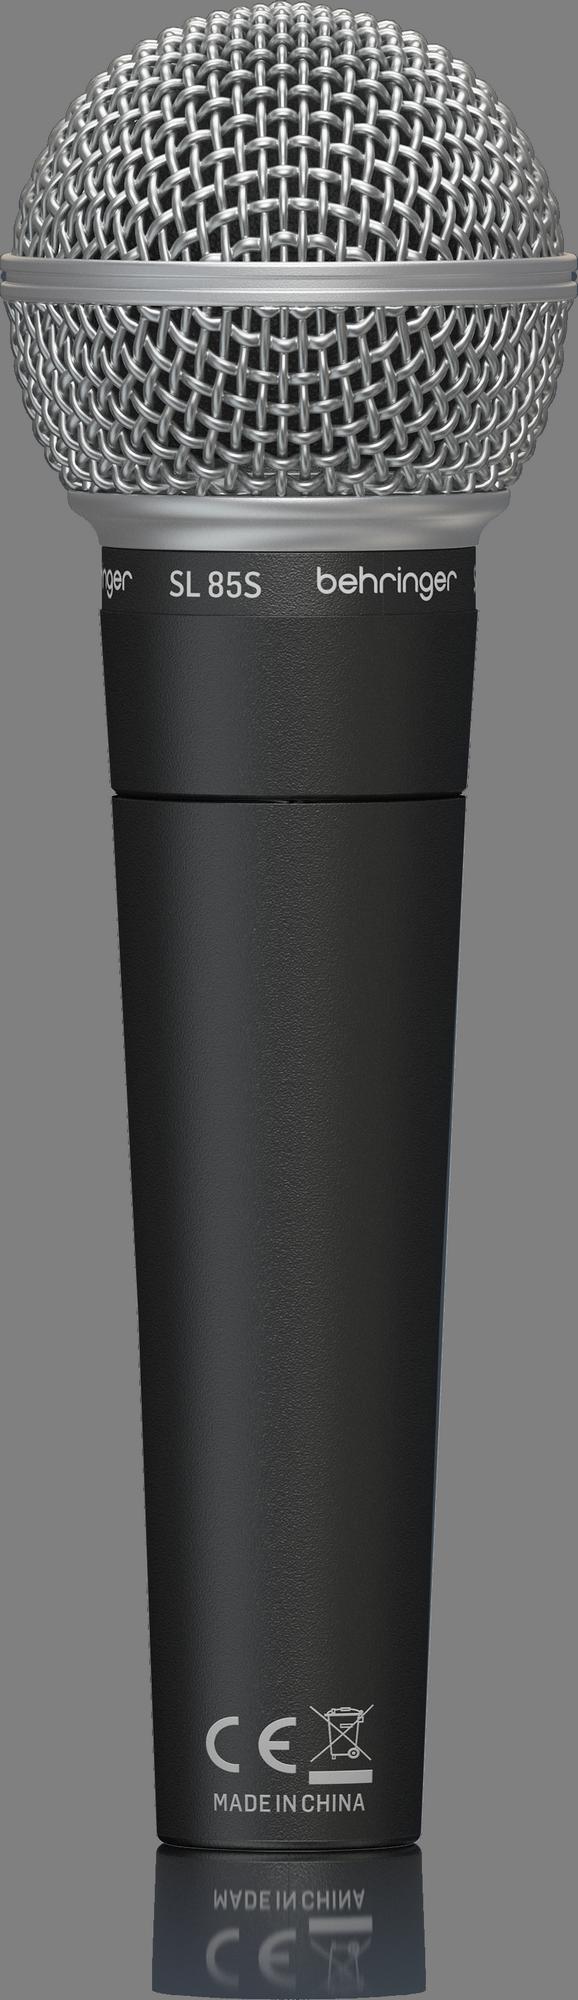 Behringer SL 85S - vocal microphone